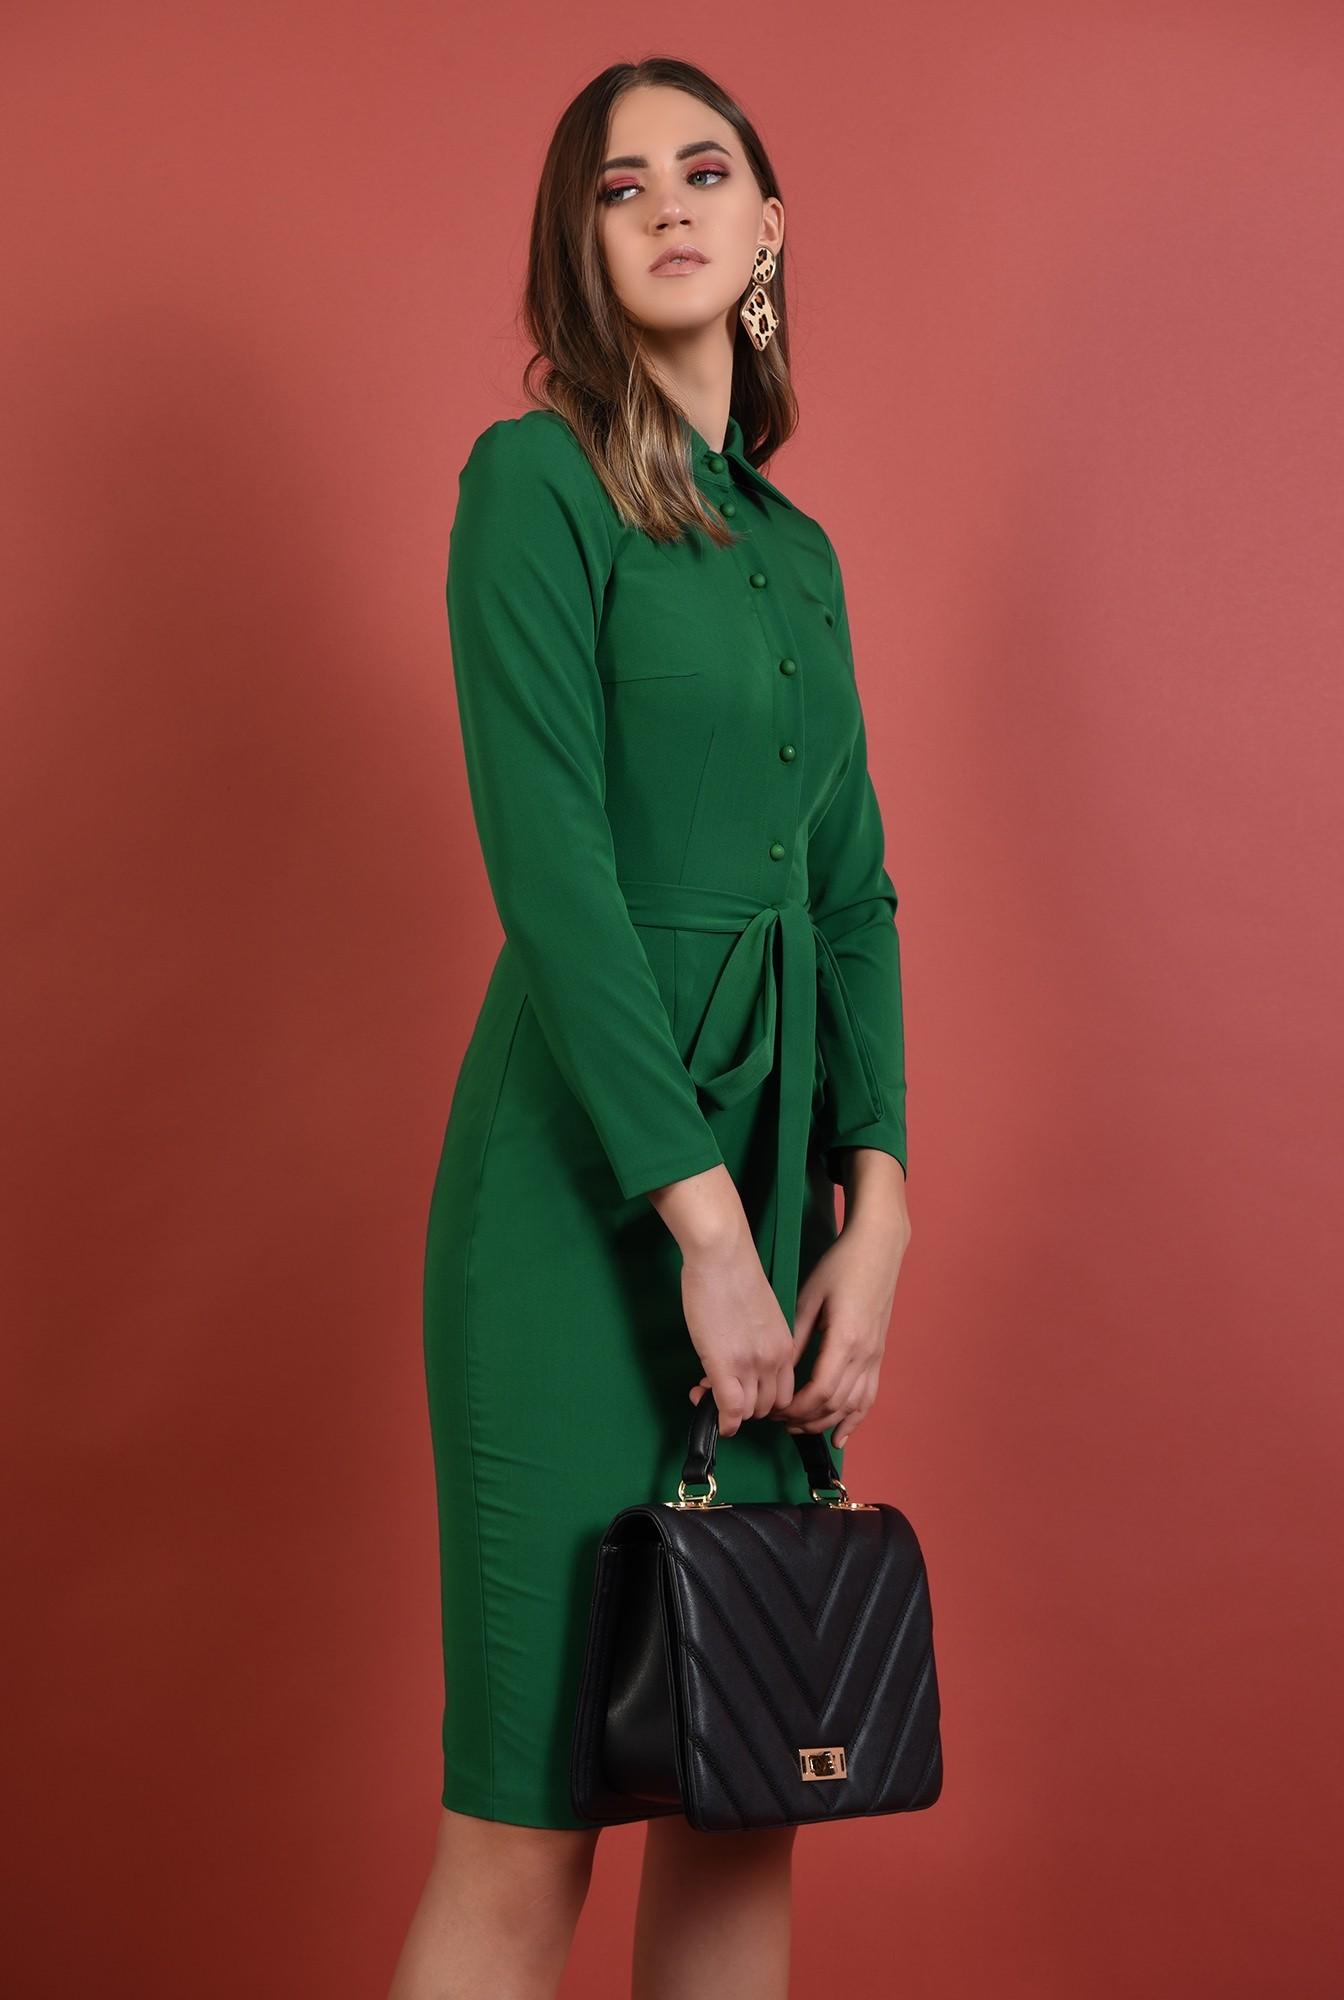 0 - rochie midi, conica, verde, cu nasturi, cu cordon, Poema